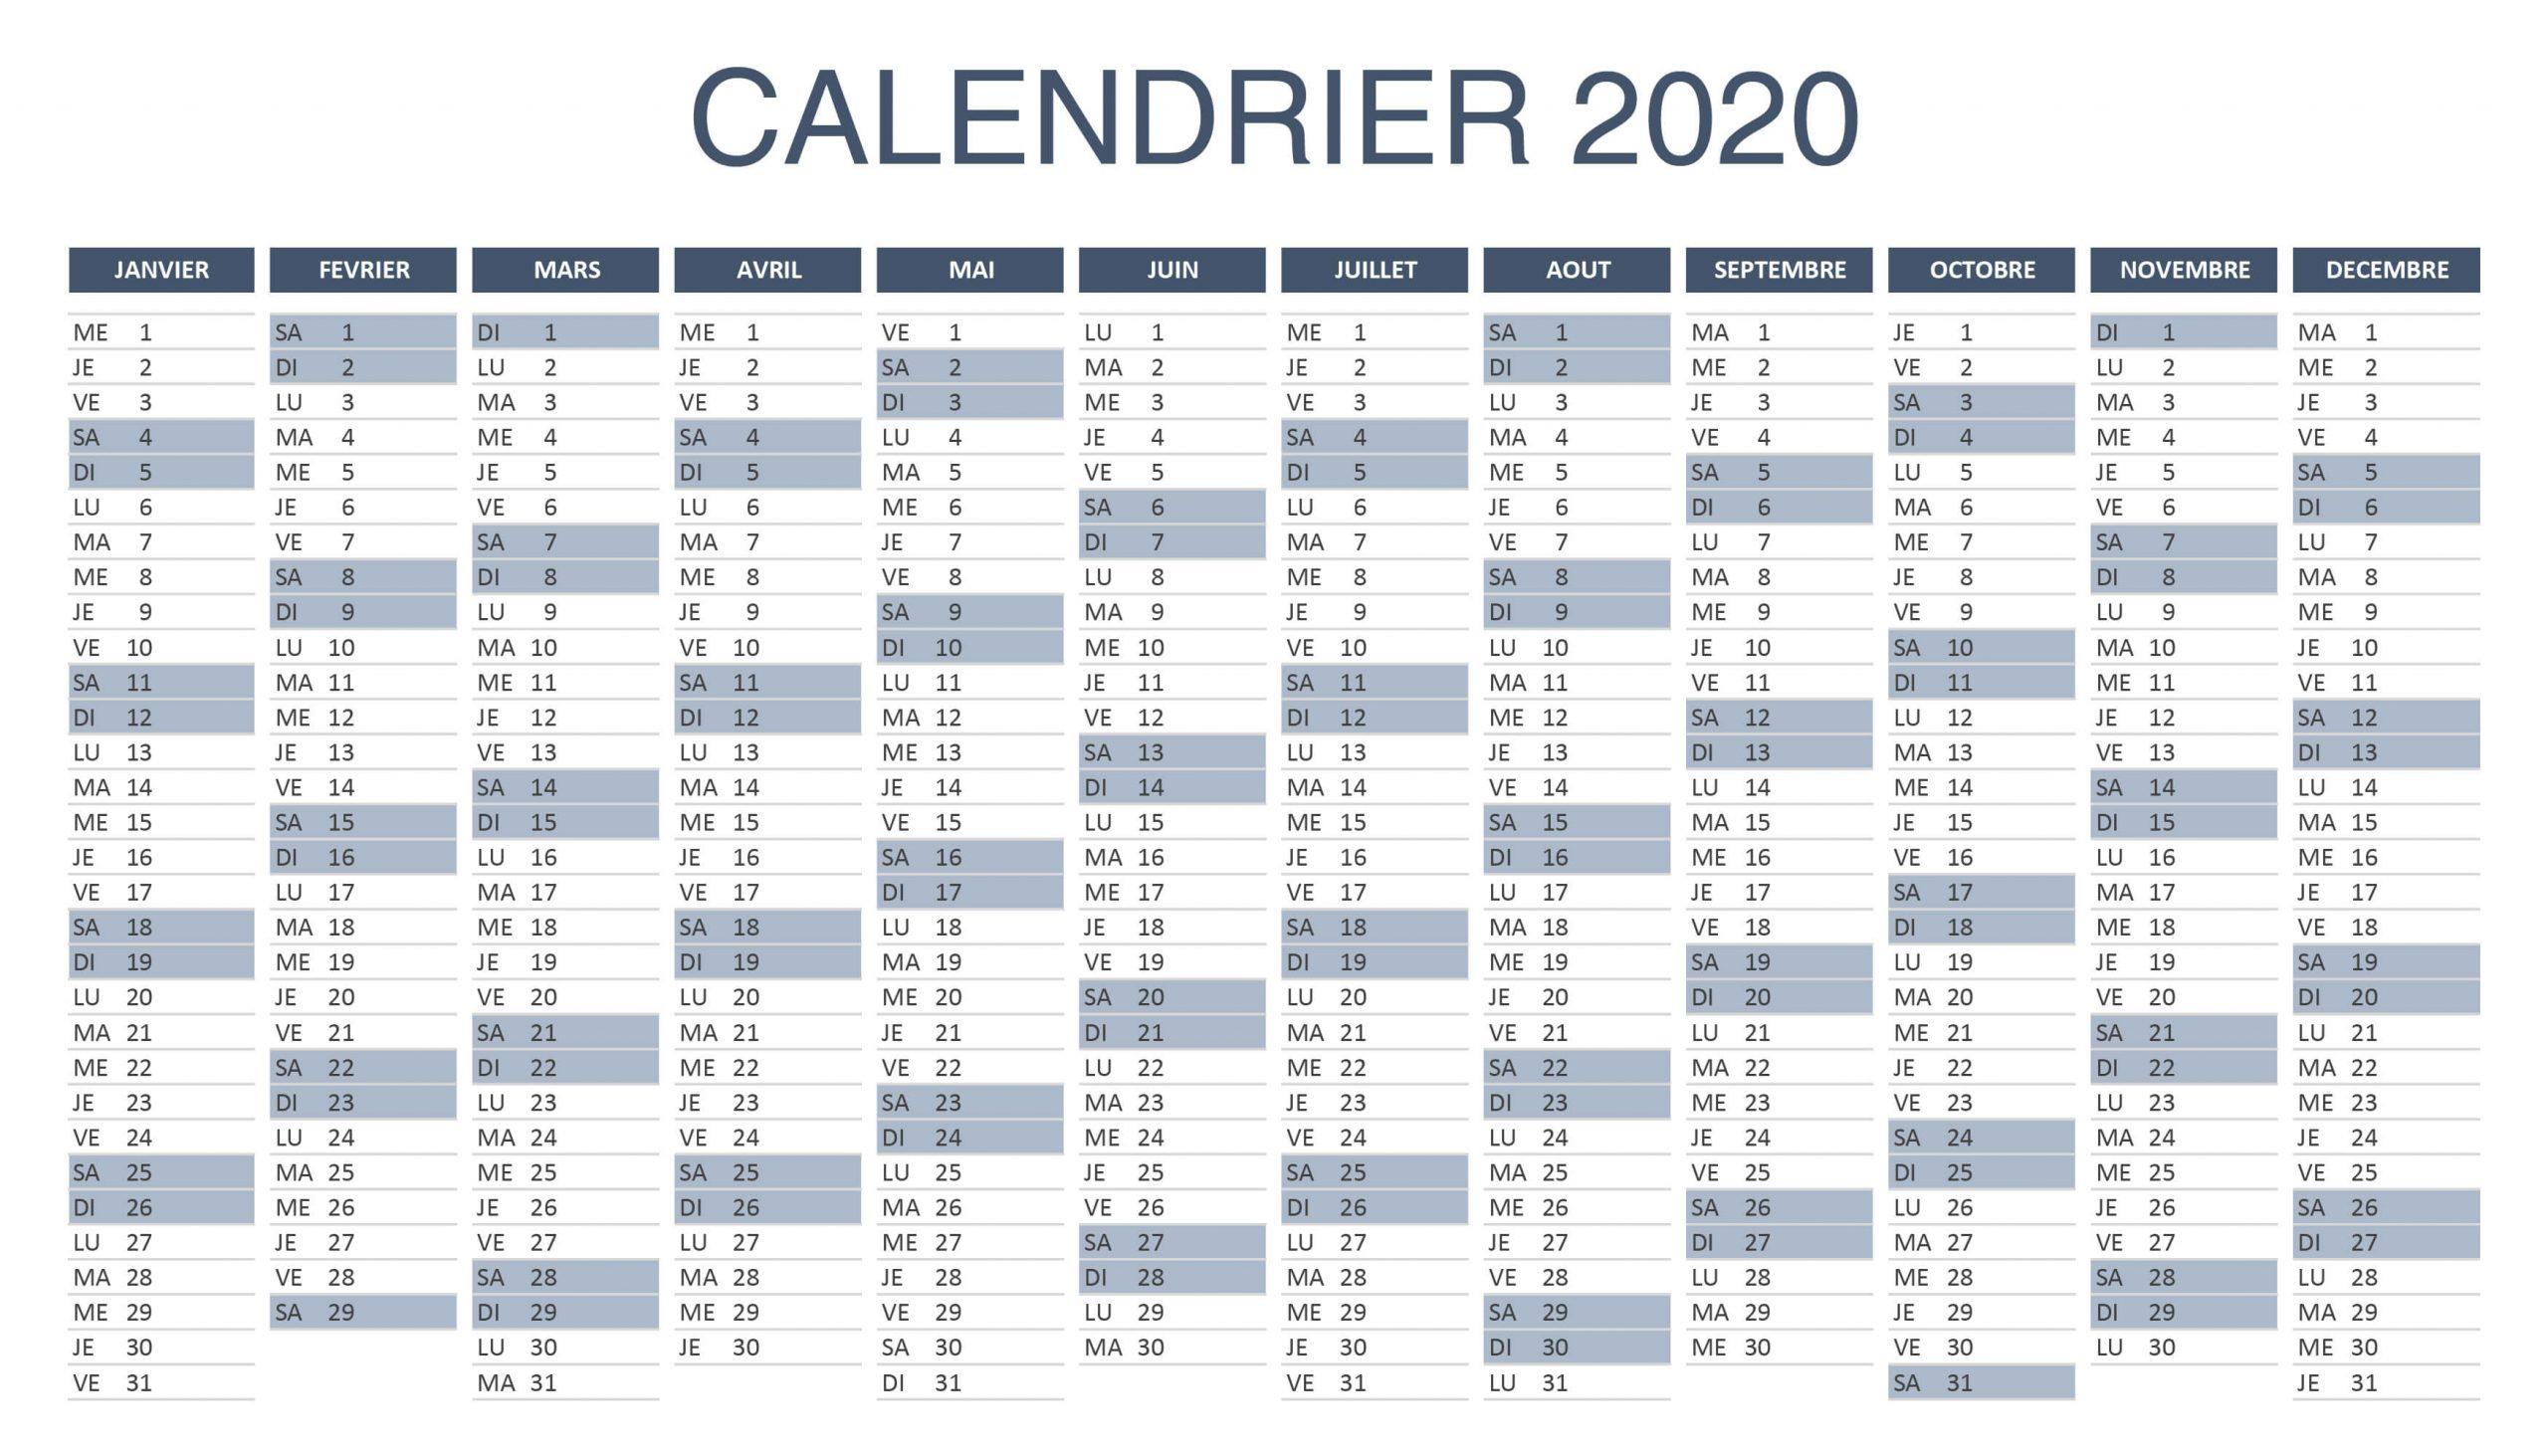 Calendrier 2020 Excel Et Pdf ▷▷ À Télécharger Et Imprimer destiné Calendrier Des Anniversaires À Imprimer Gratuit